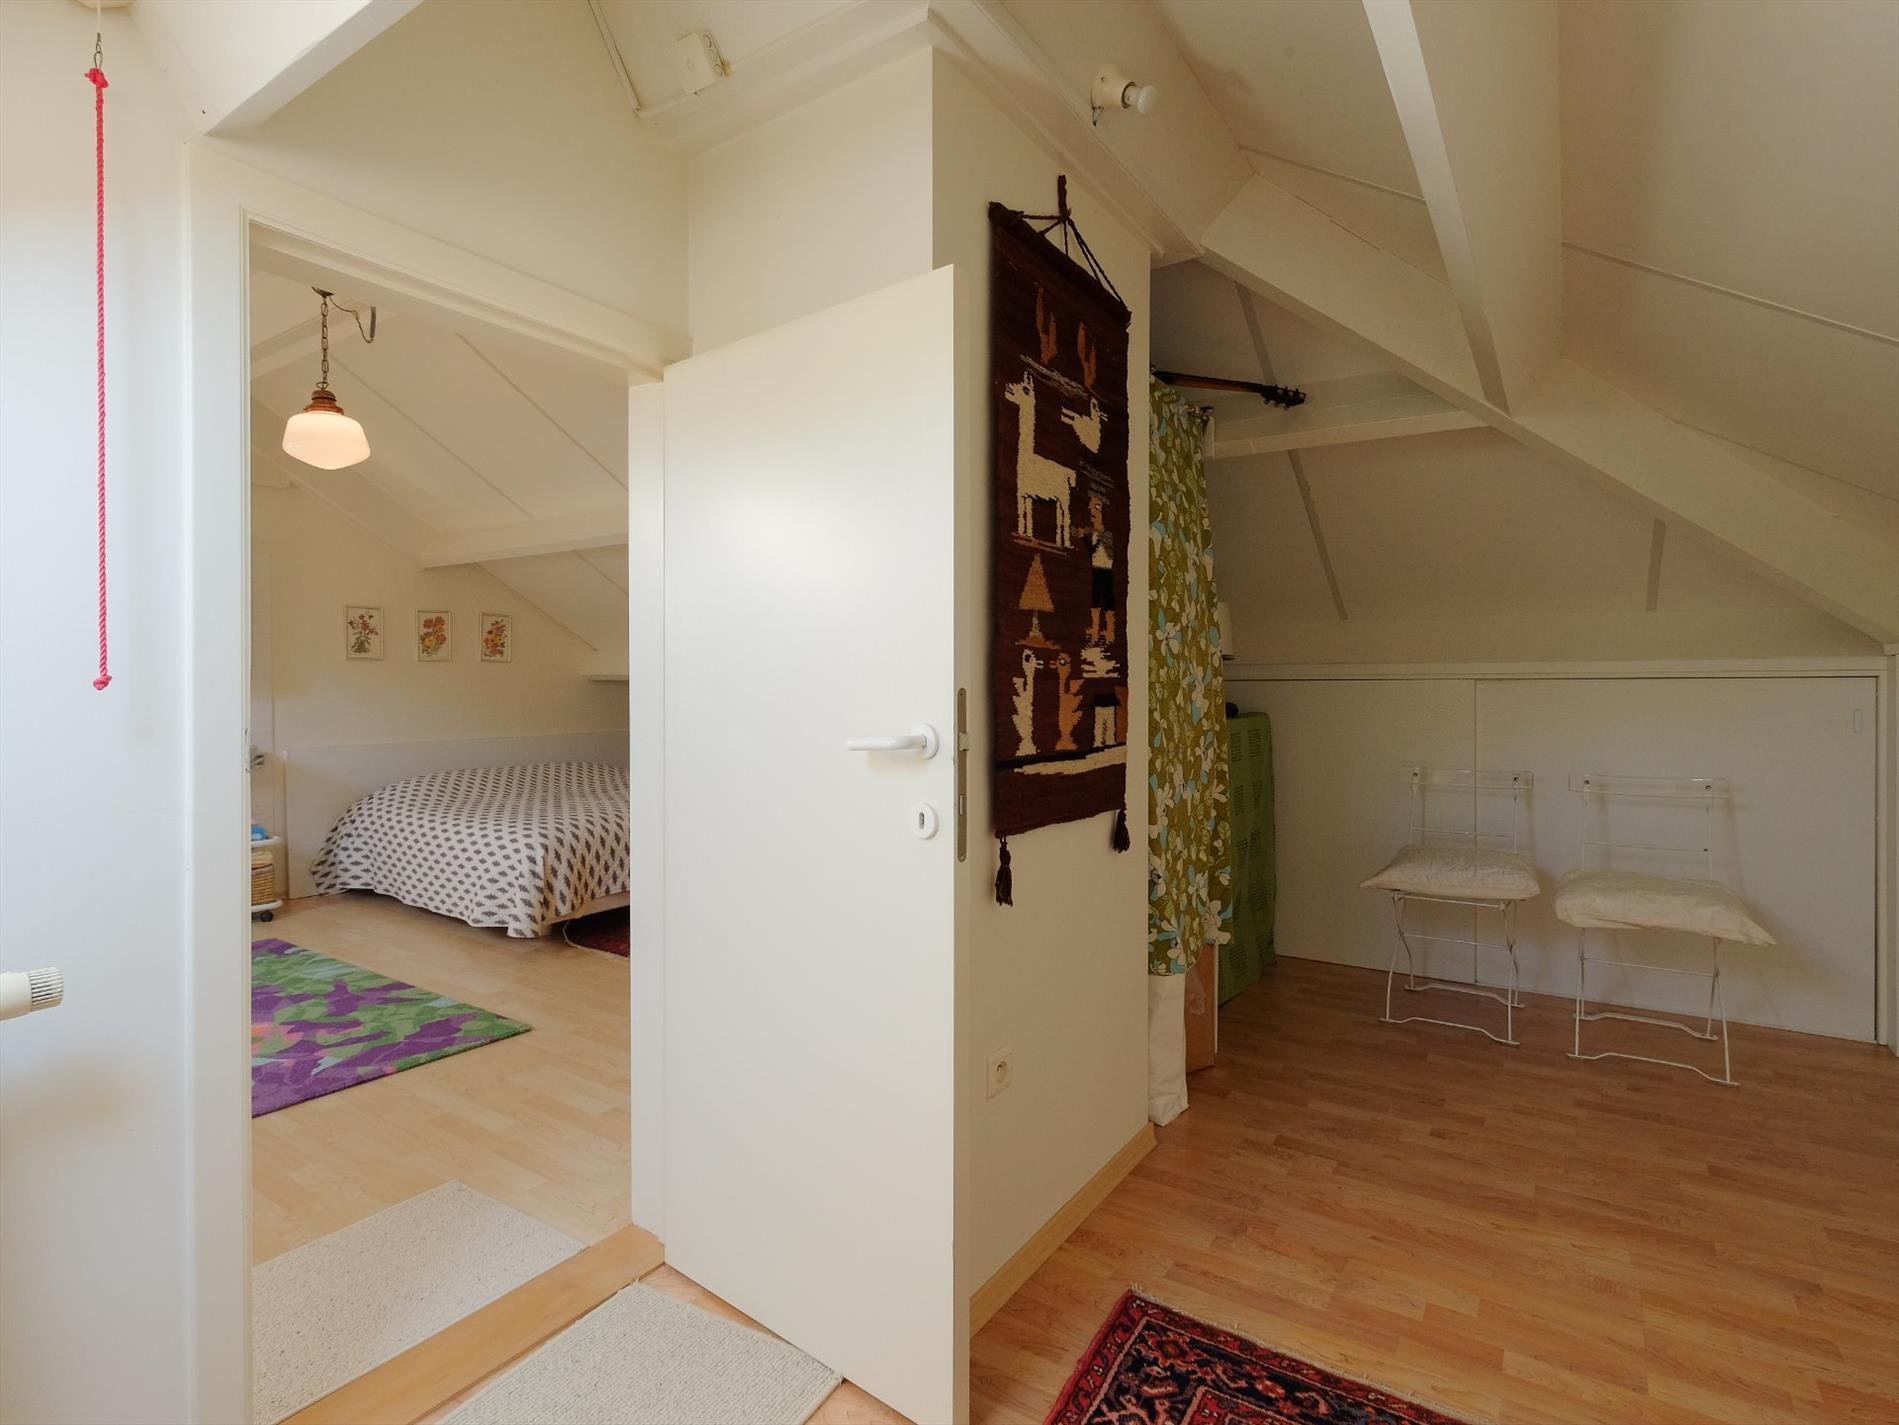 Eigentijdse volwassen slaapkamer maison design navsop